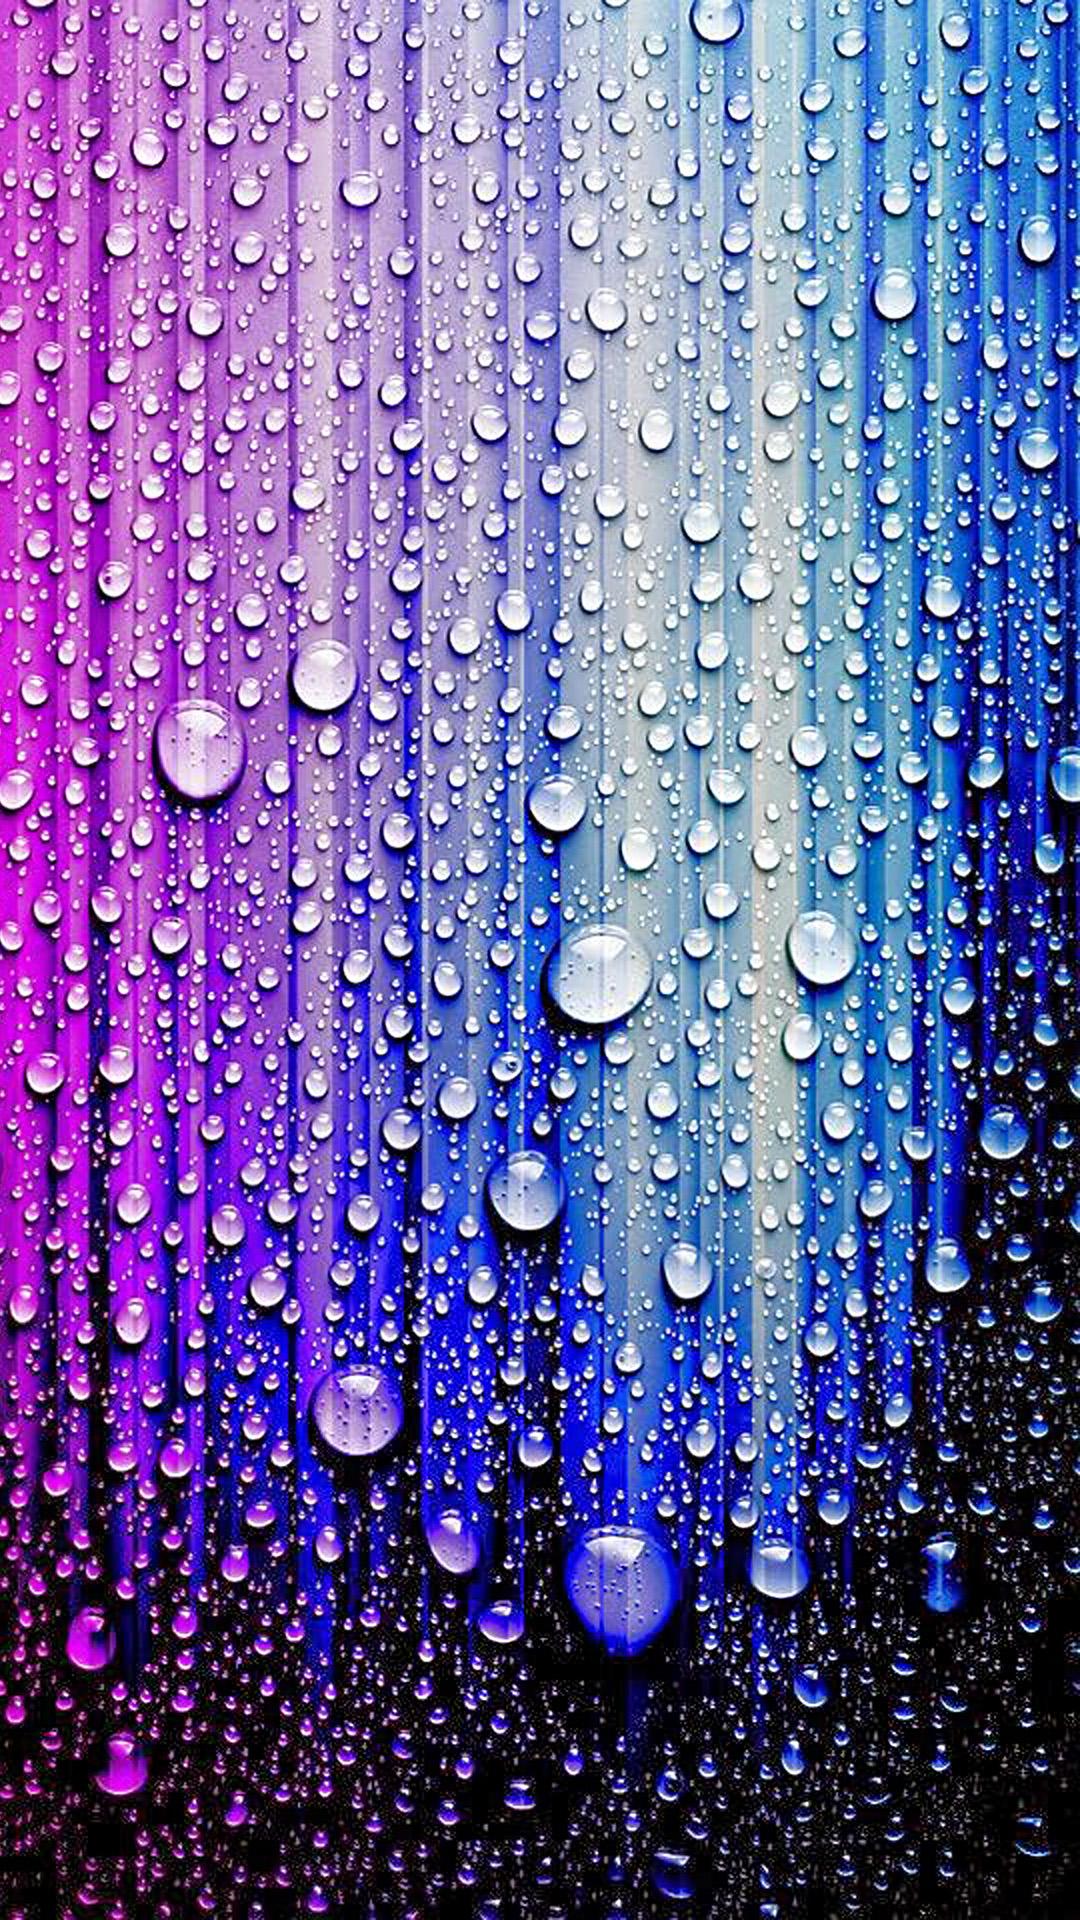 iPhone Water Drop Wallpapers ...